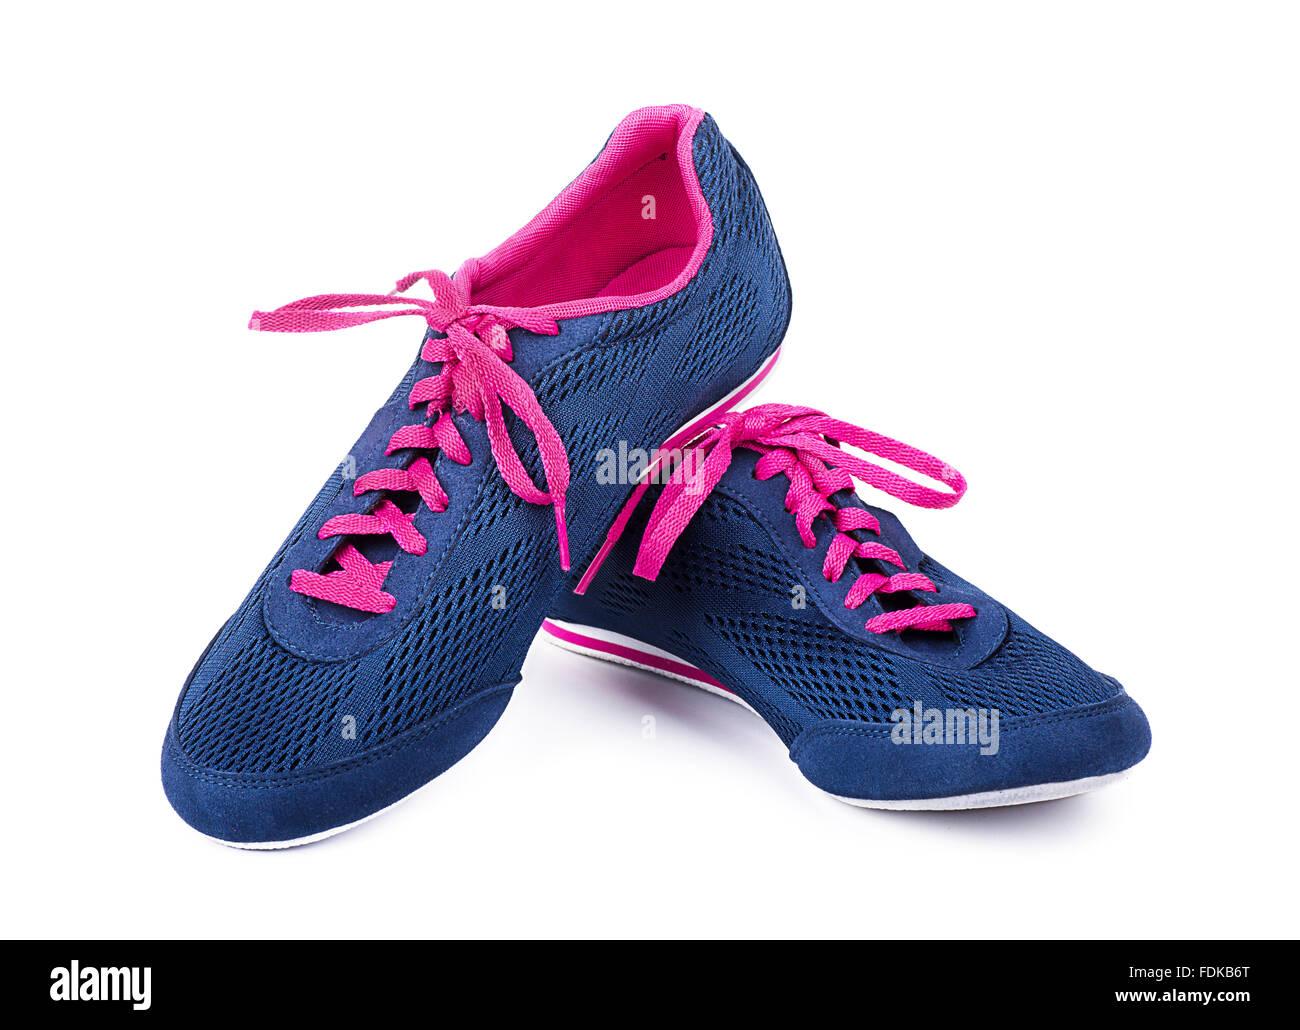 Les chaussures de sport sur un fond blanc Photo Stock